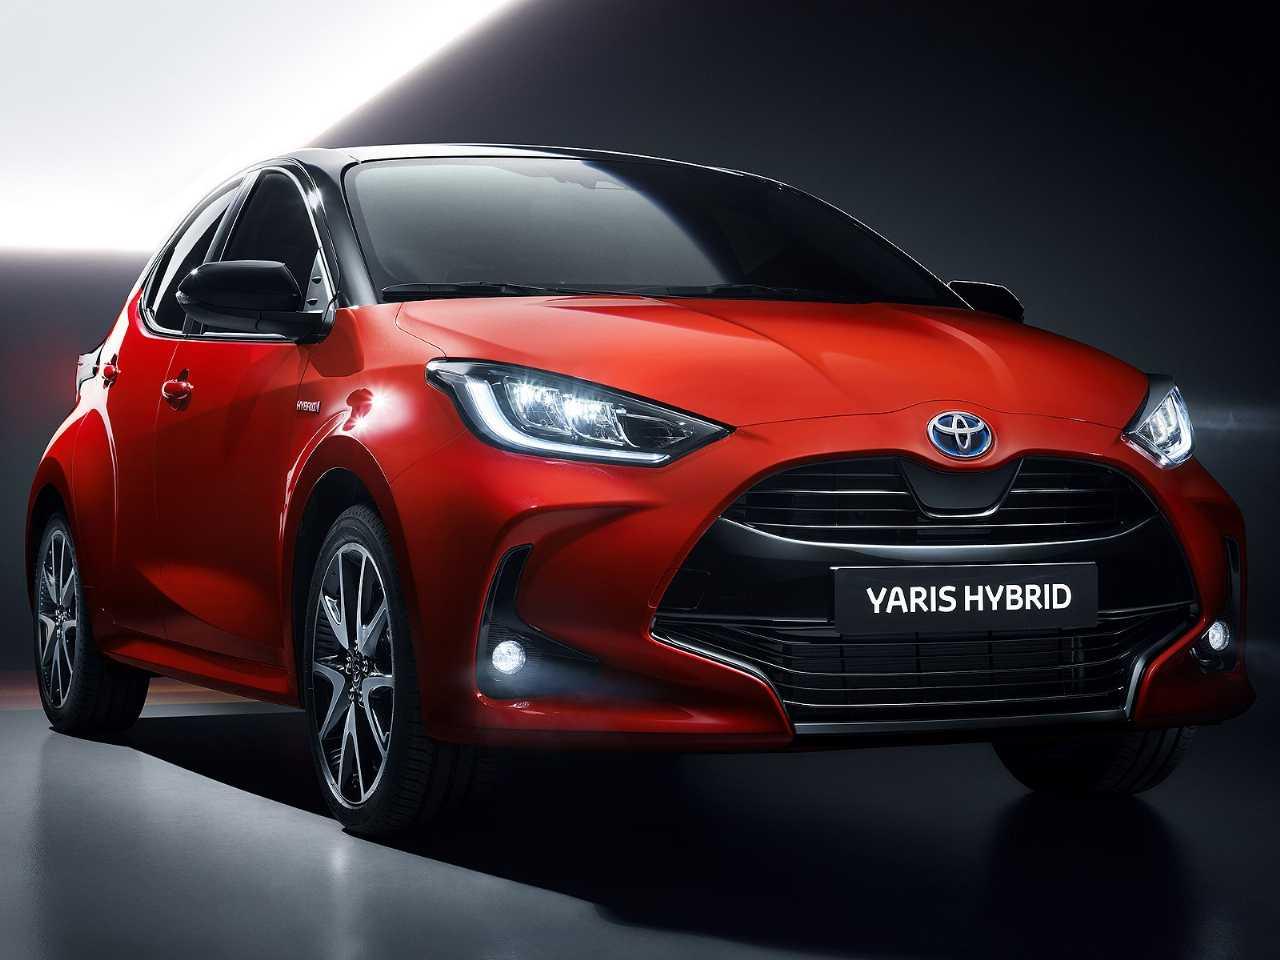 Nova geração do Toyota Yaris europeu em sua configuração híbrida